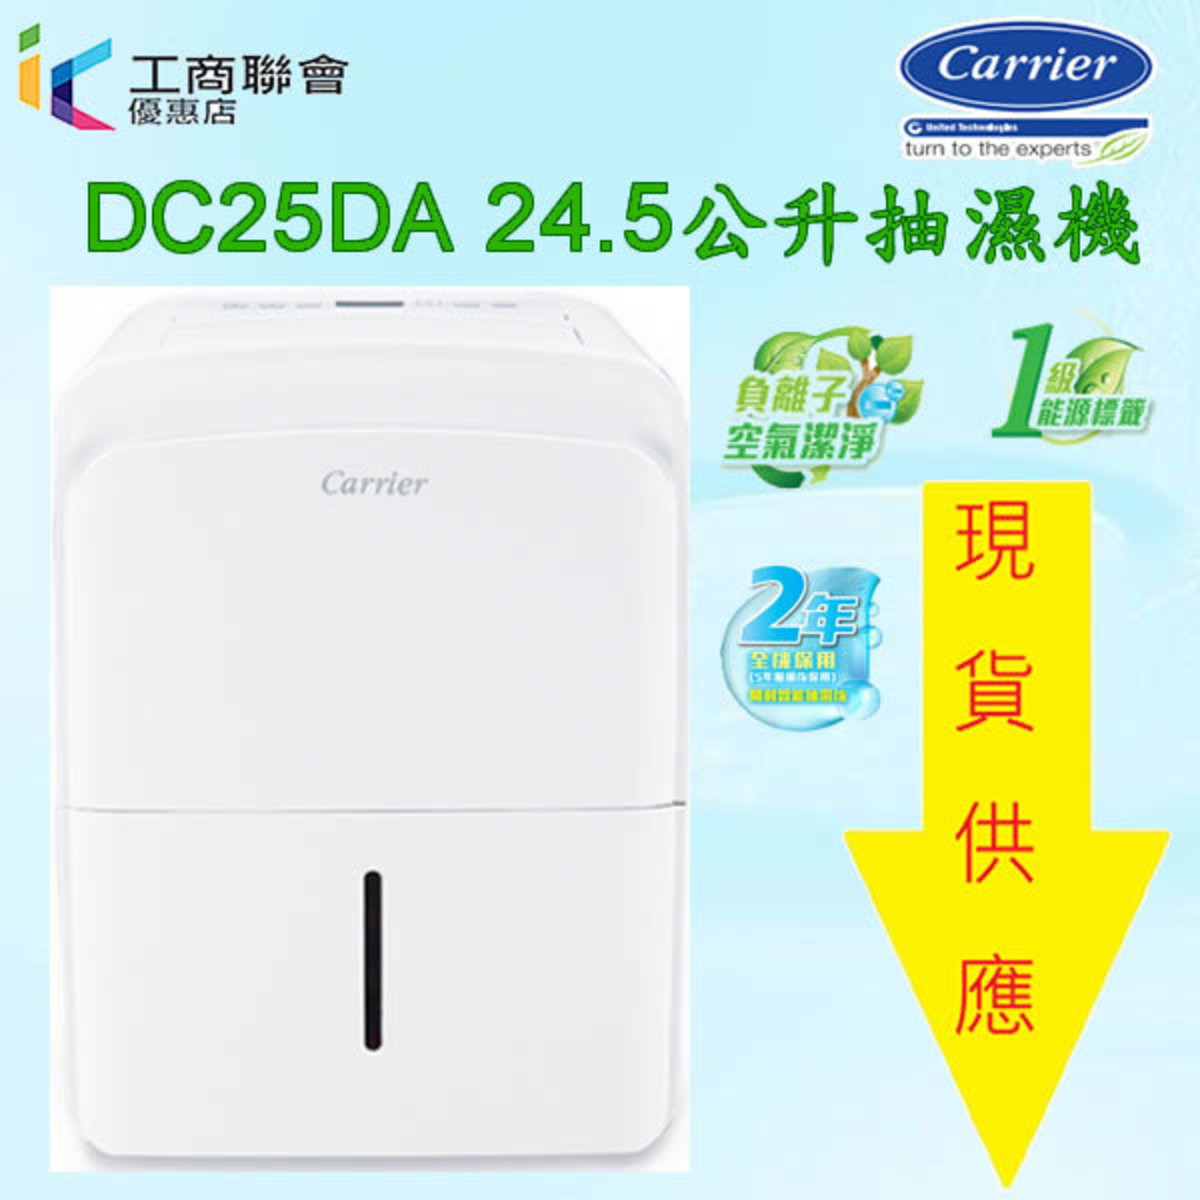 DC25DA1 Dehumidifier (24.5L)Energy Label Grade 1